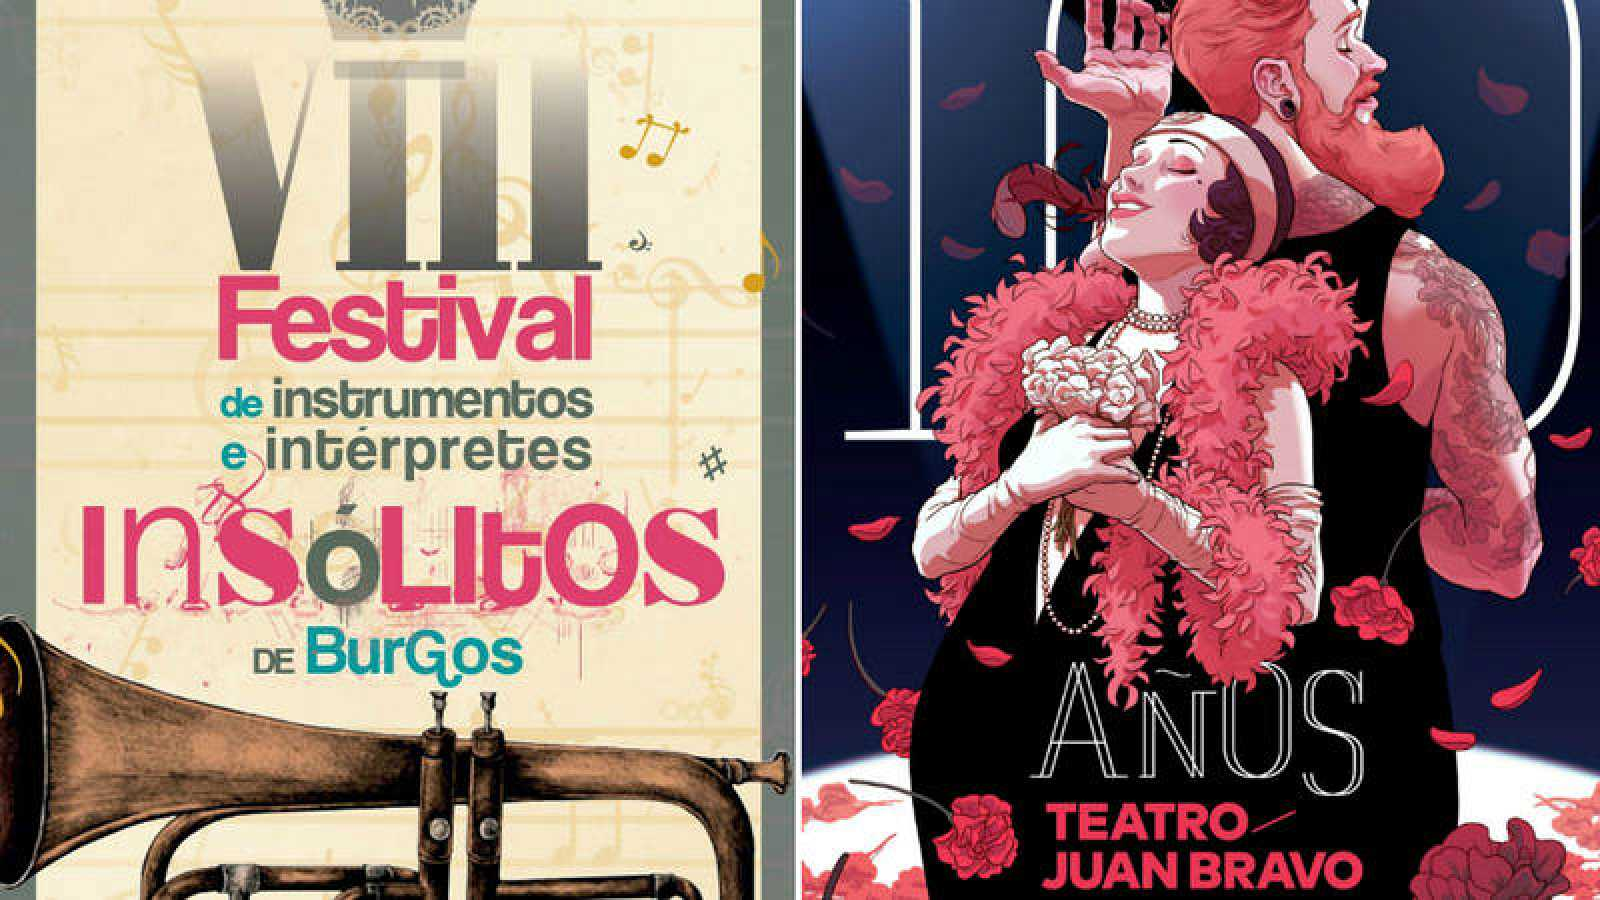 Carteles del VIII Festival de Instrumentos e Intérpretes Insólitos de Burgos y del centenario del Teatro Juan Bravo de Segovia